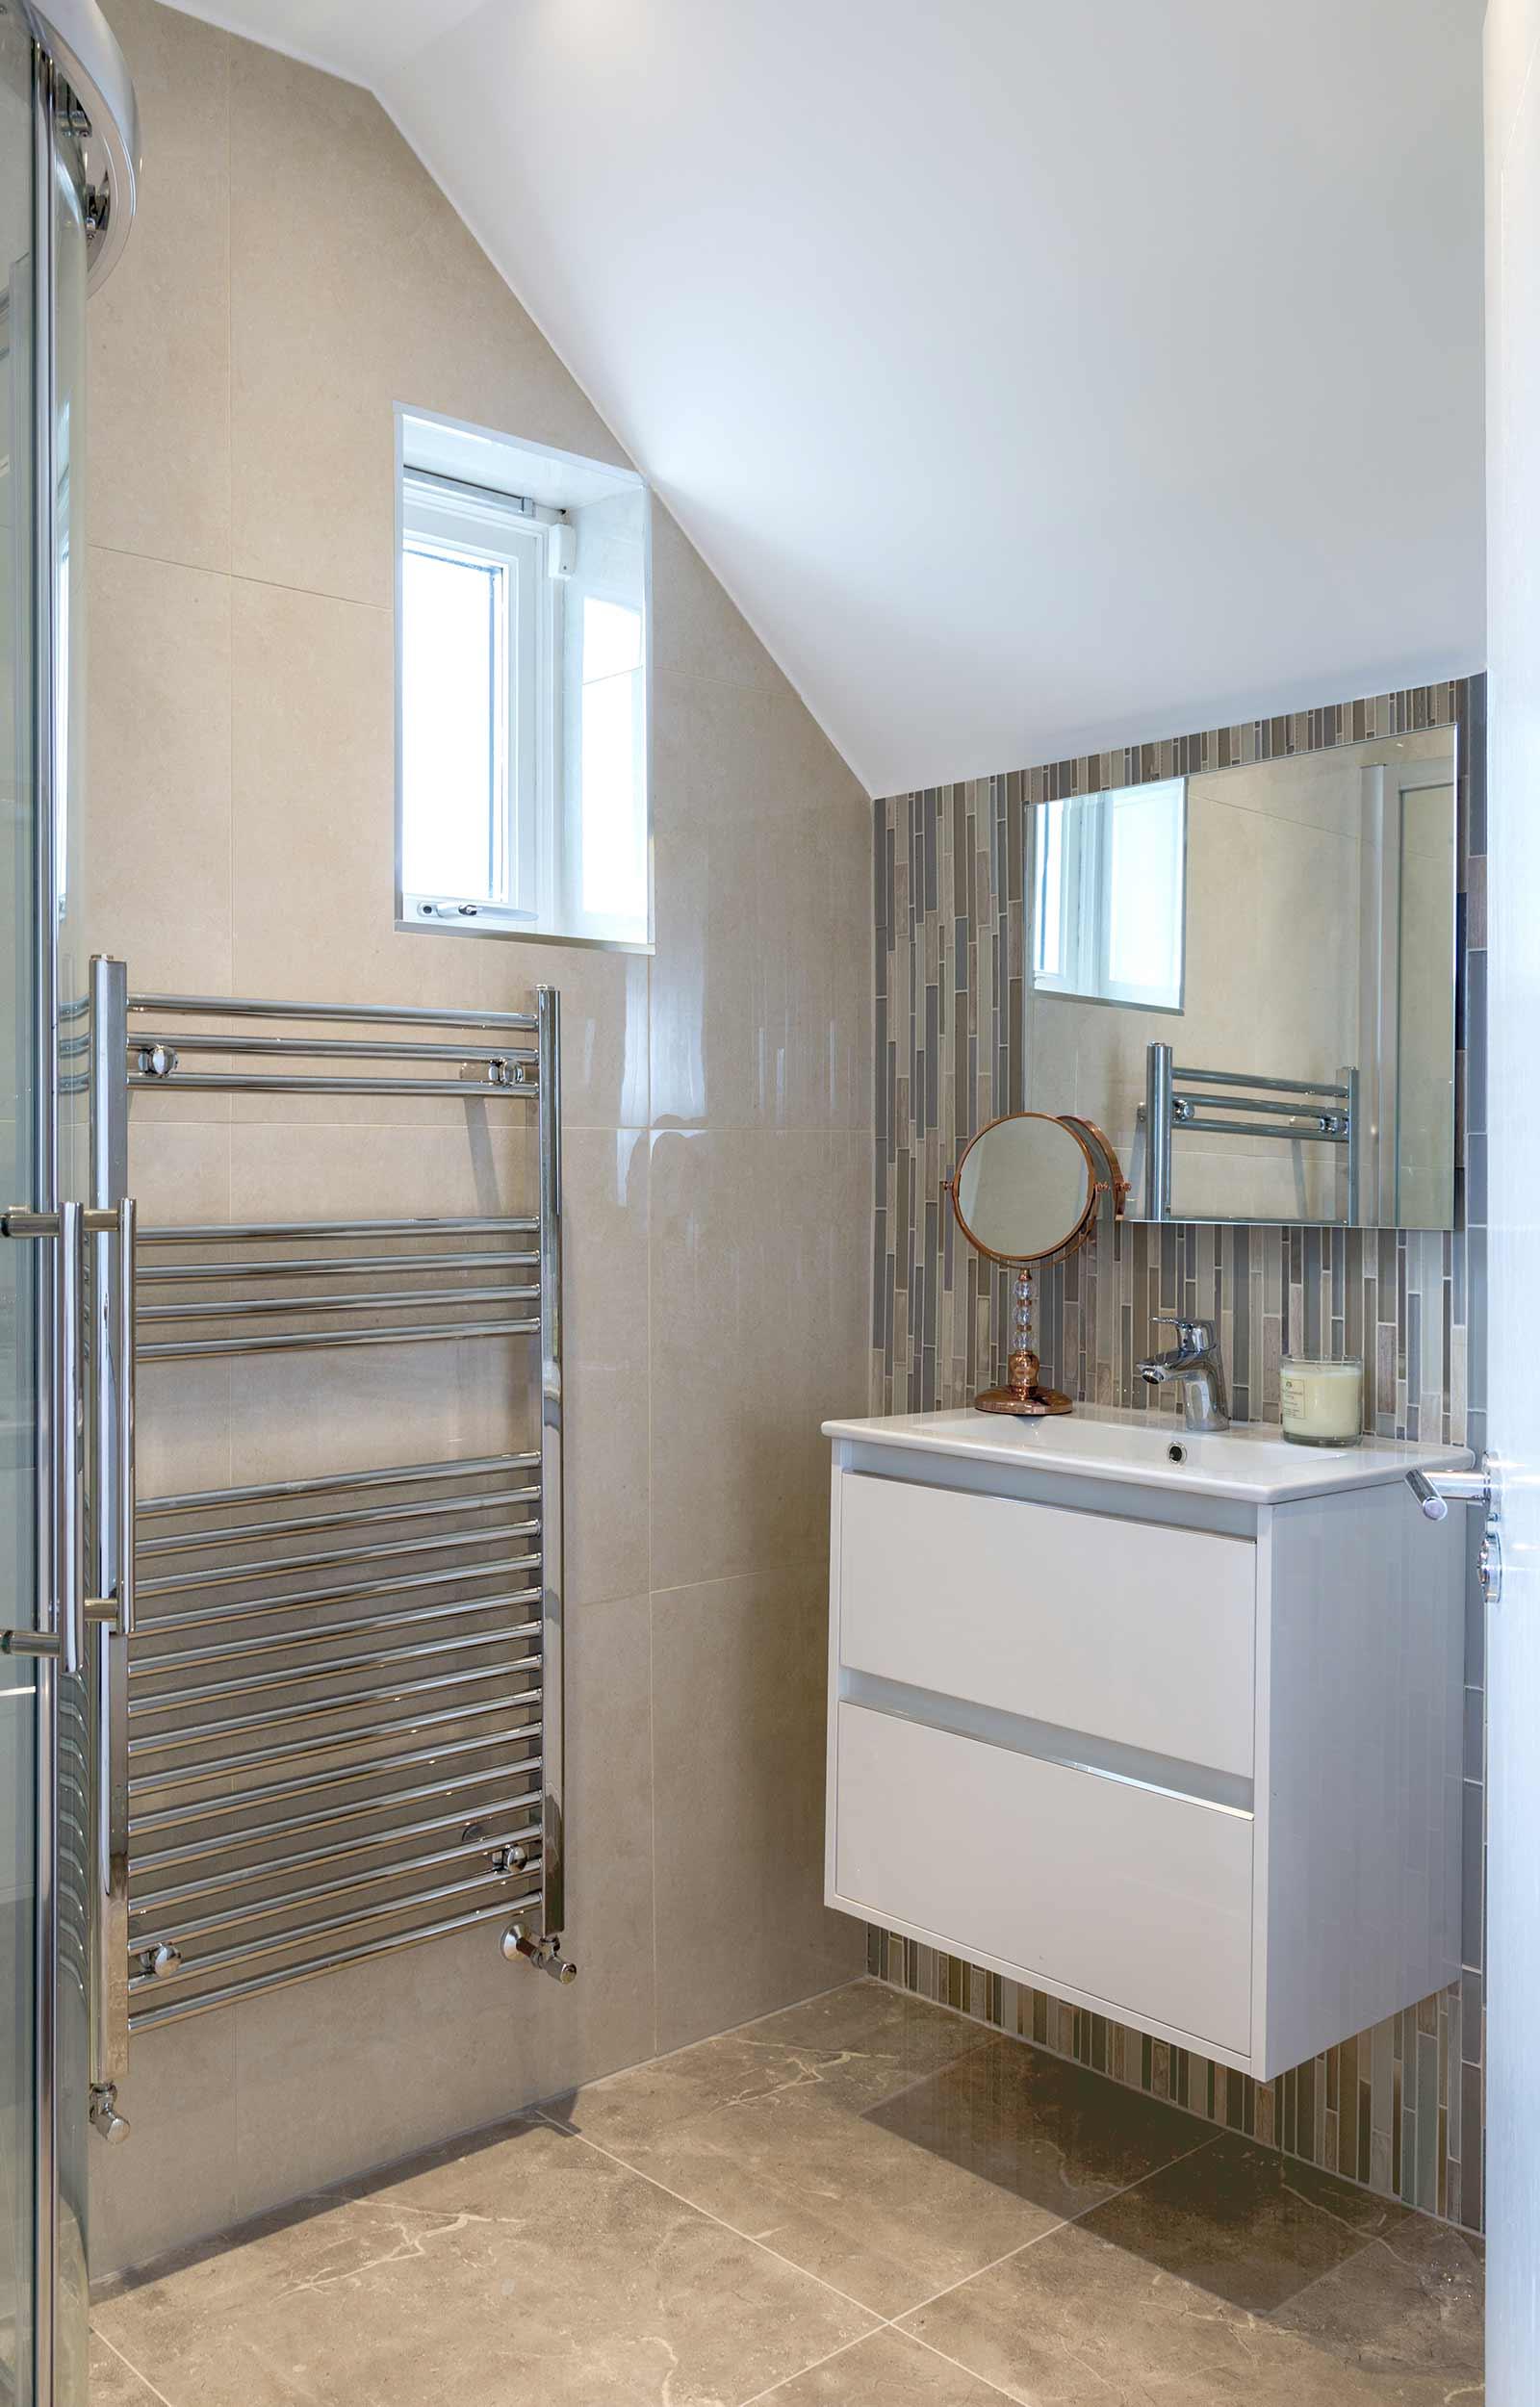 Carton-Interiors_P7_4_Bedroom-Ensuite